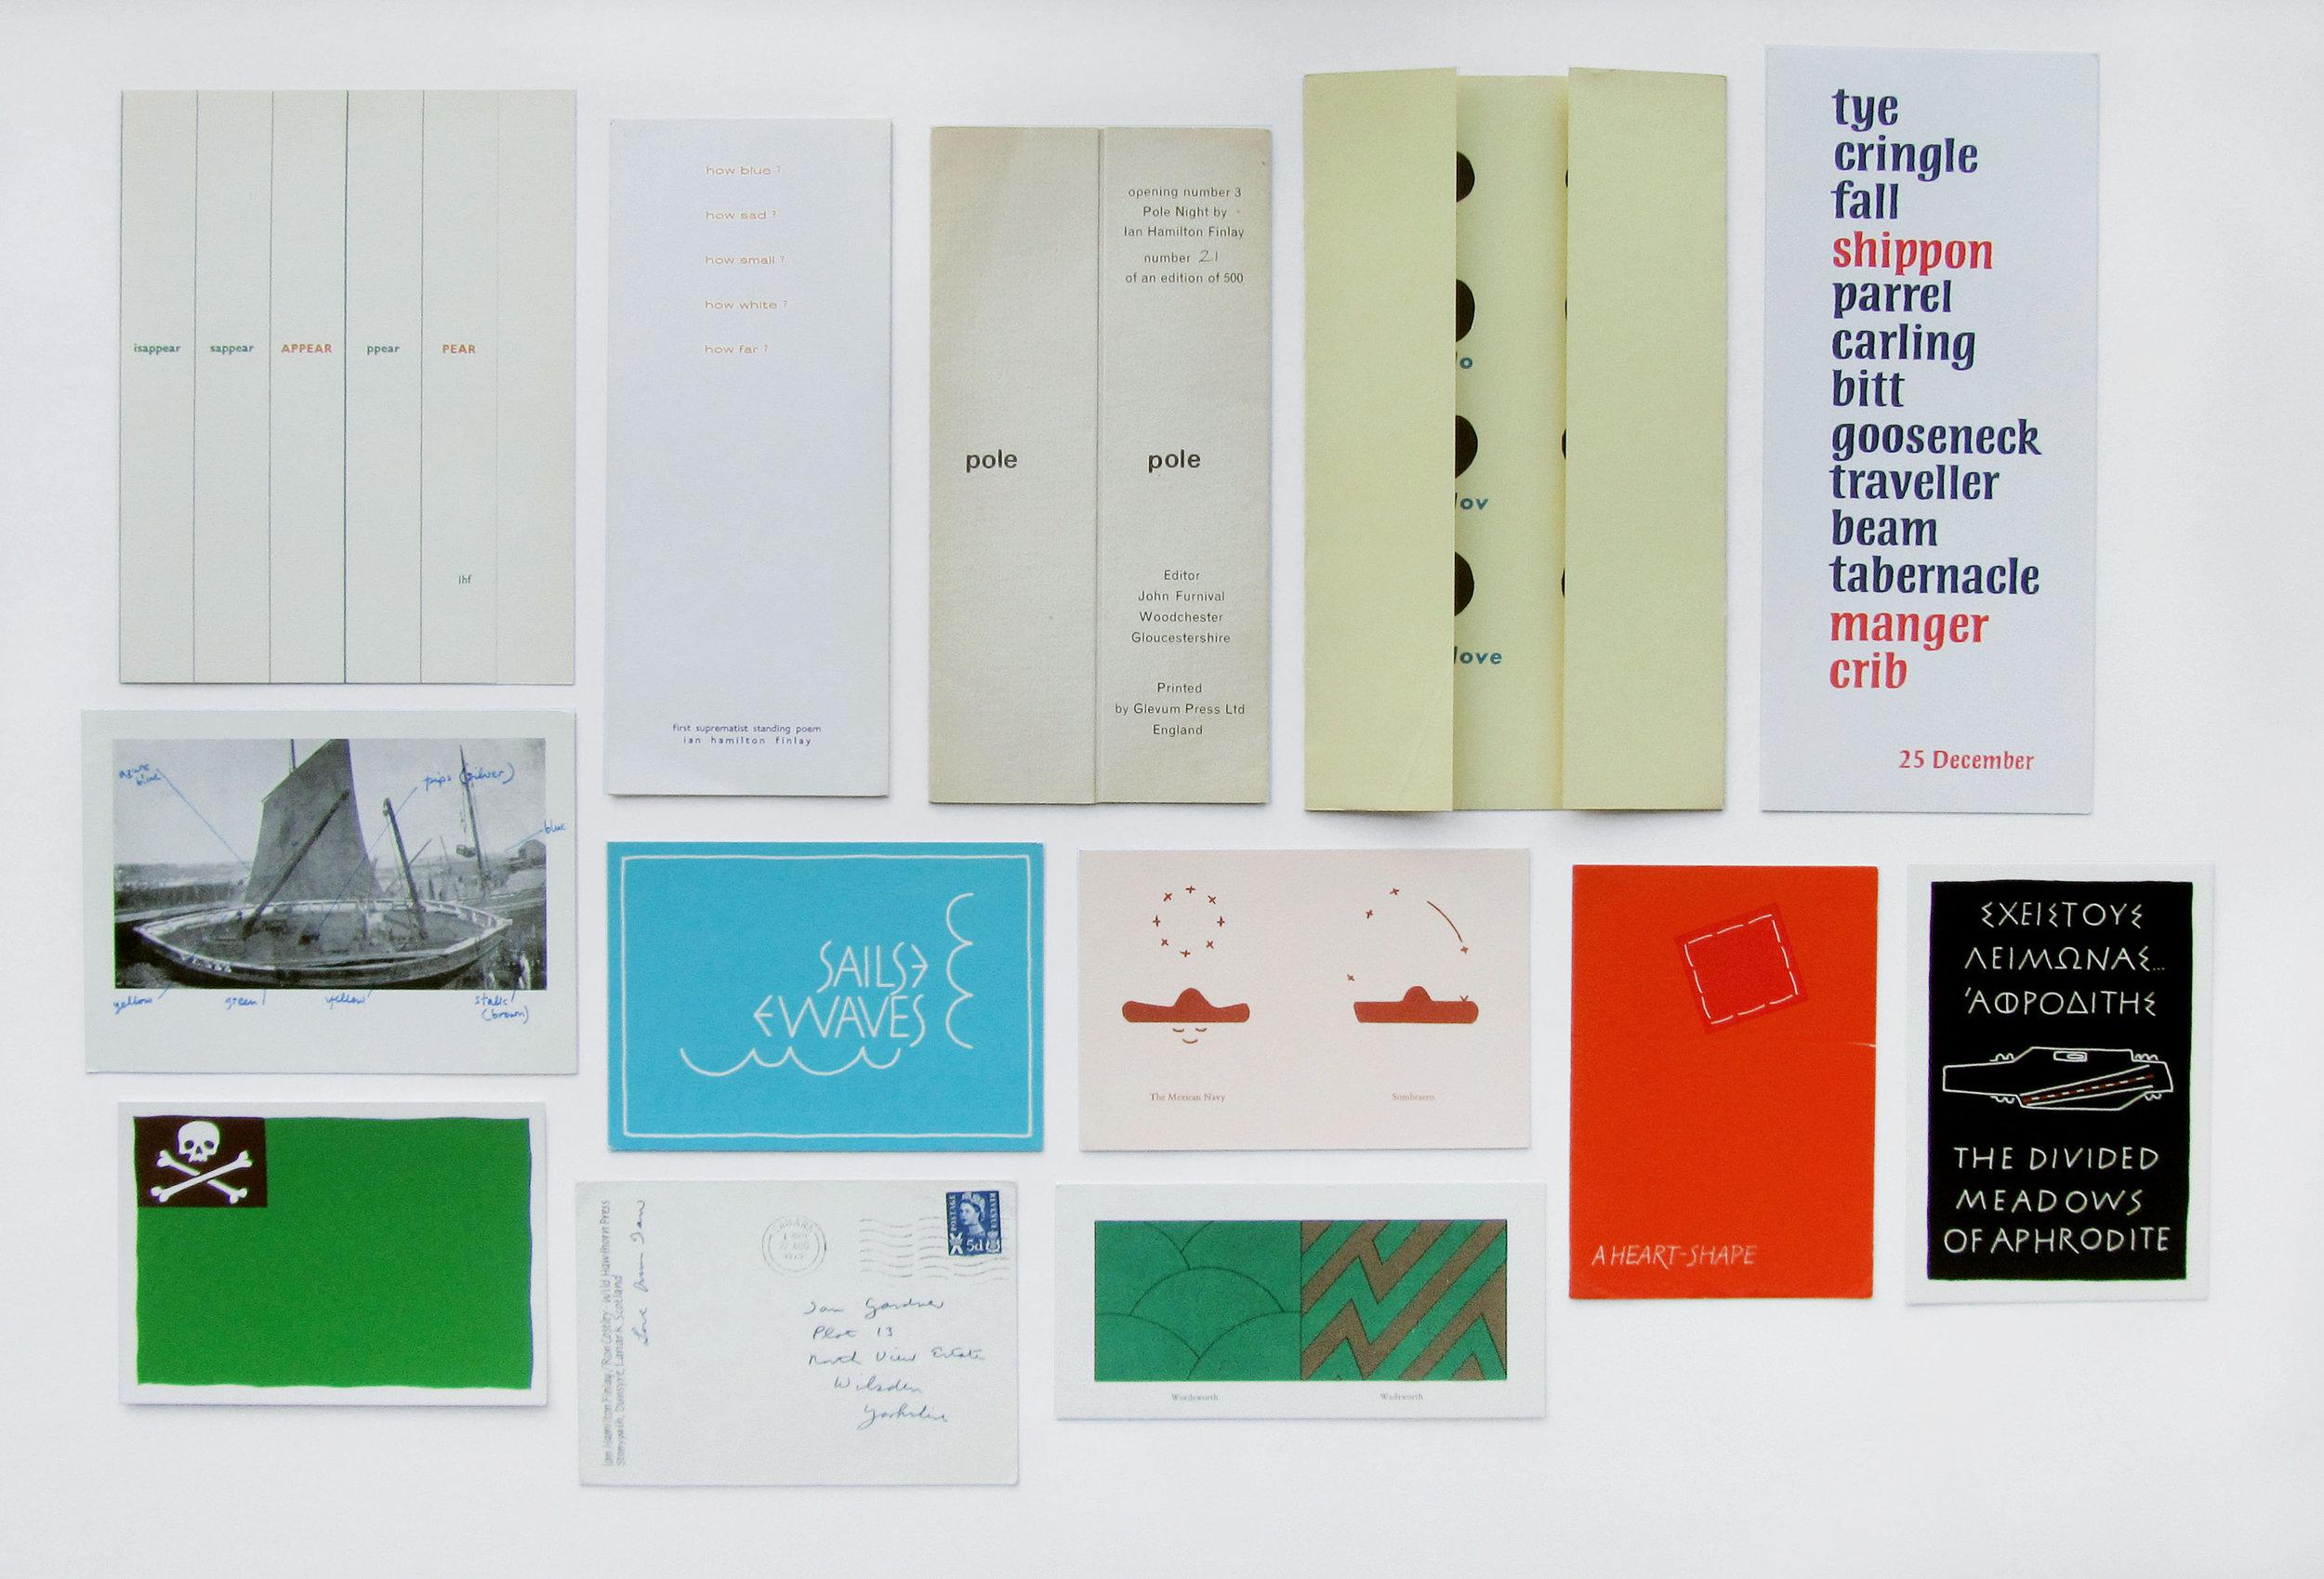 Ian_Hamilton_Finlay_postcards_edit.JPG